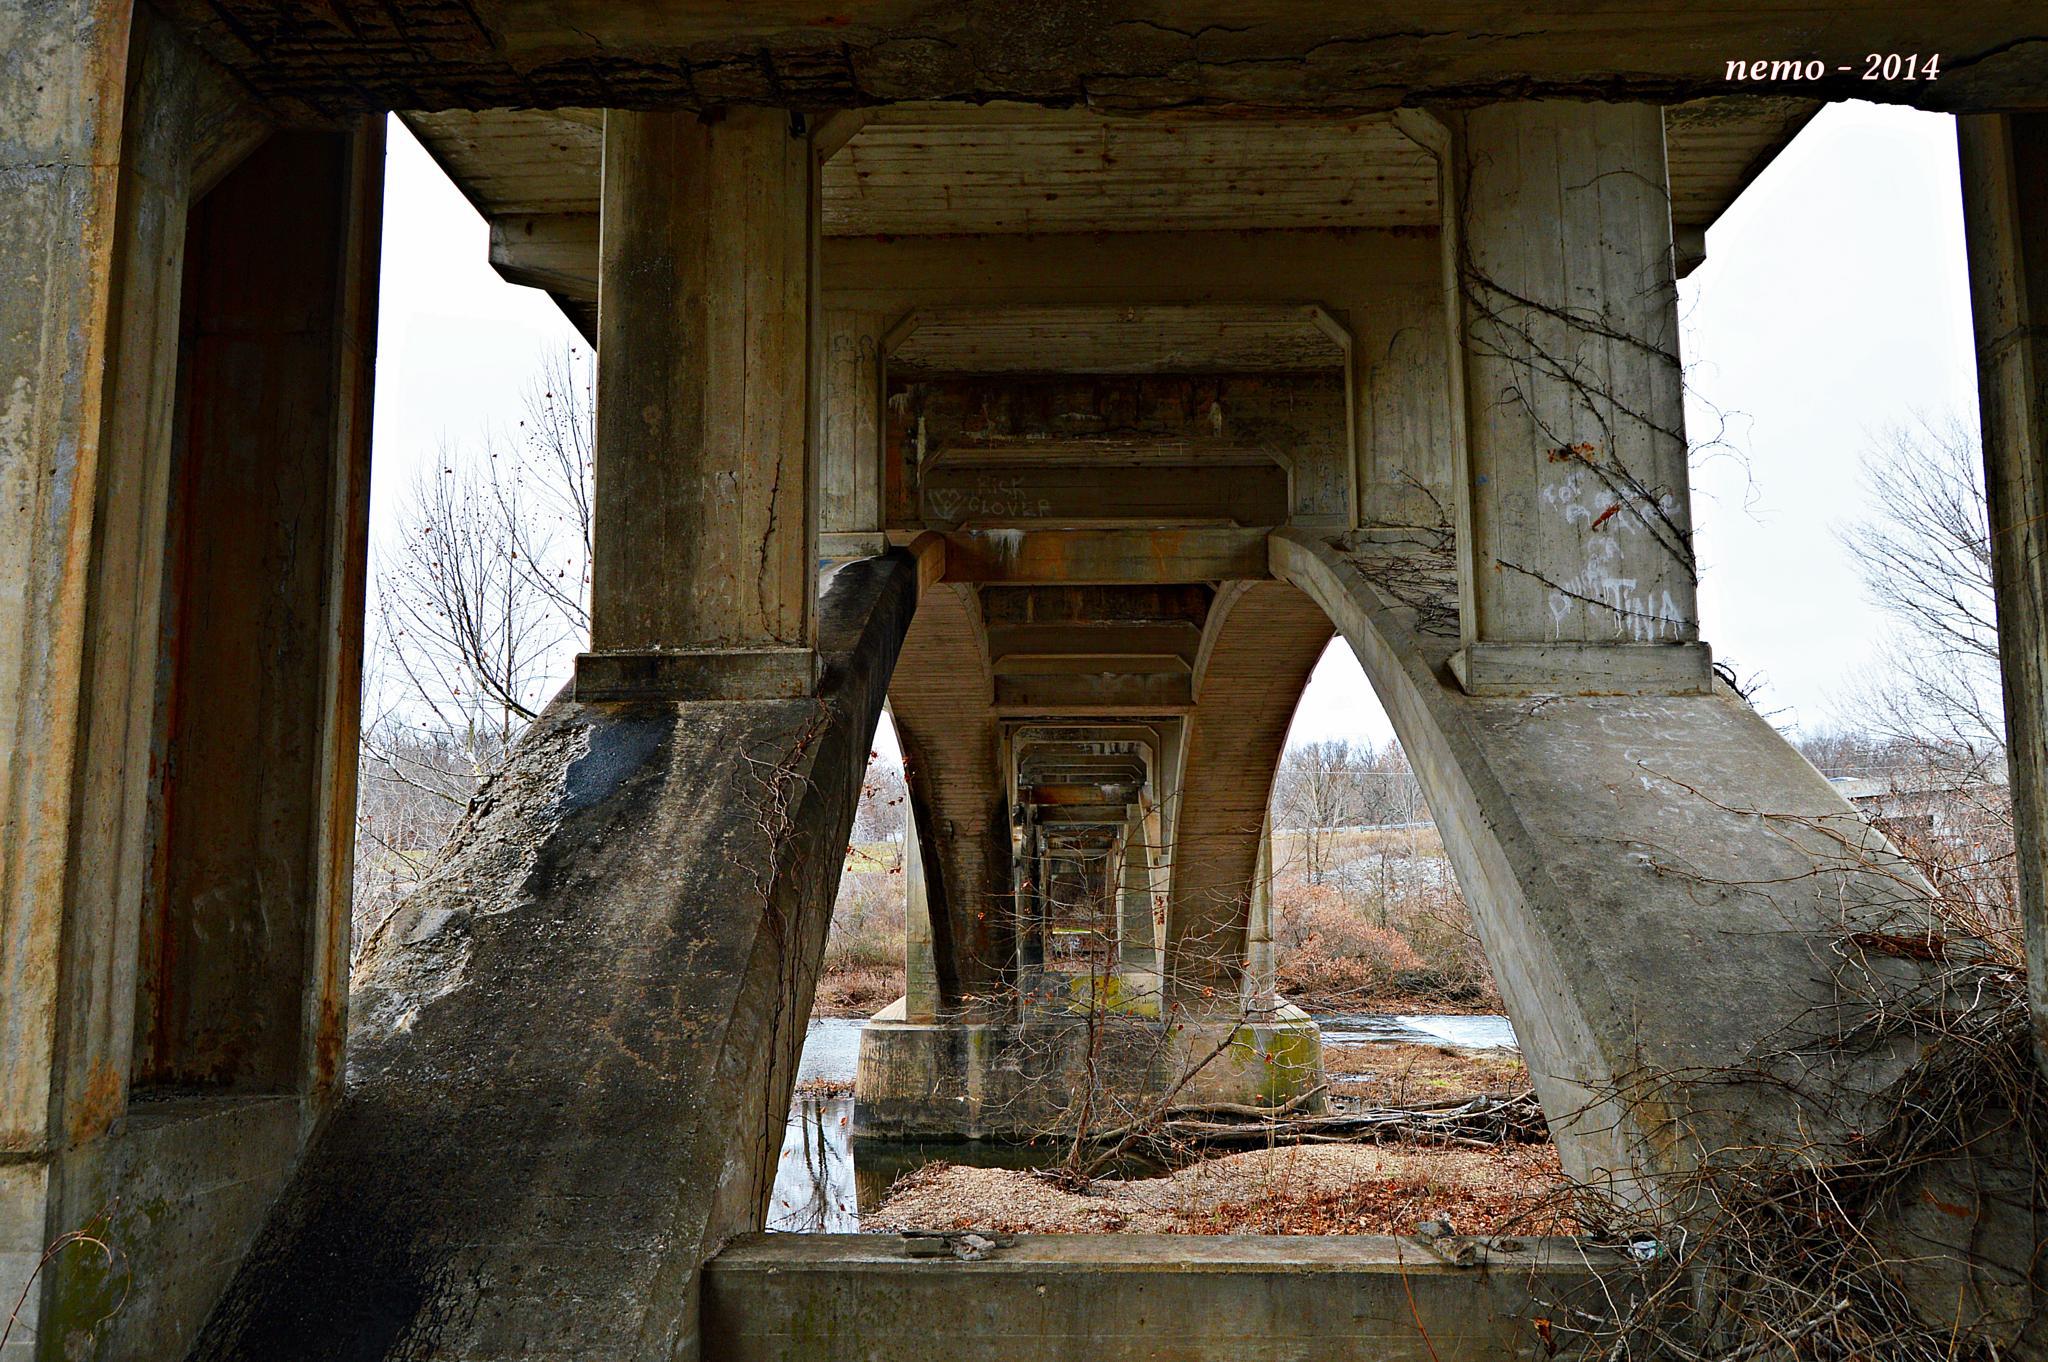 Under the Bridge by Nemo